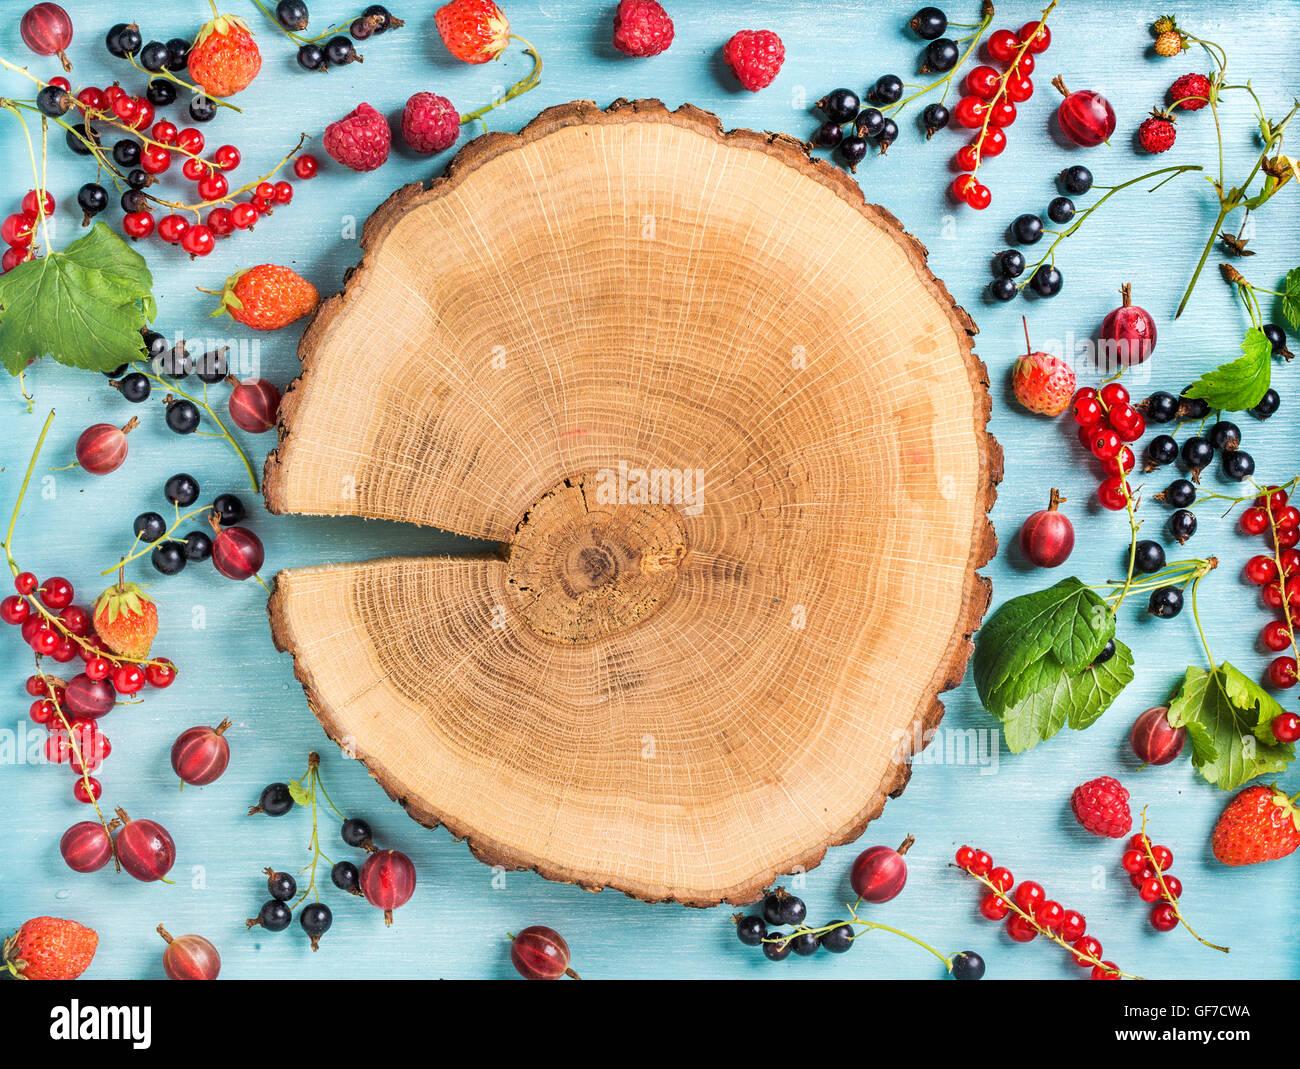 Jardin d'été en bonne santé berry variété. Noir et rouge groseille, framboise, groseille, Photo Stock